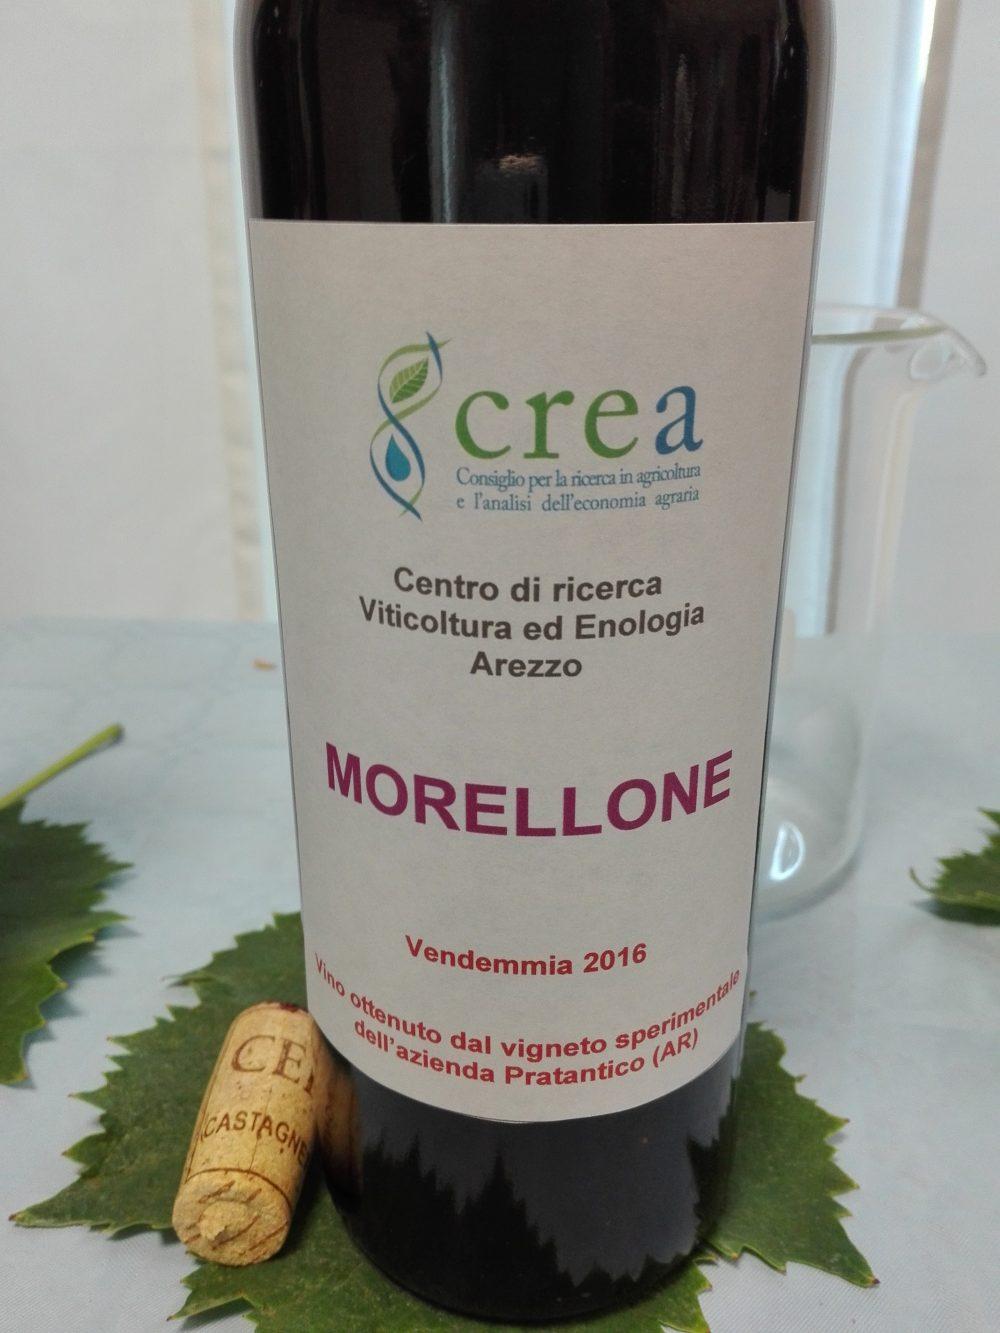 Morellone 2016, da microvinificazione Crea